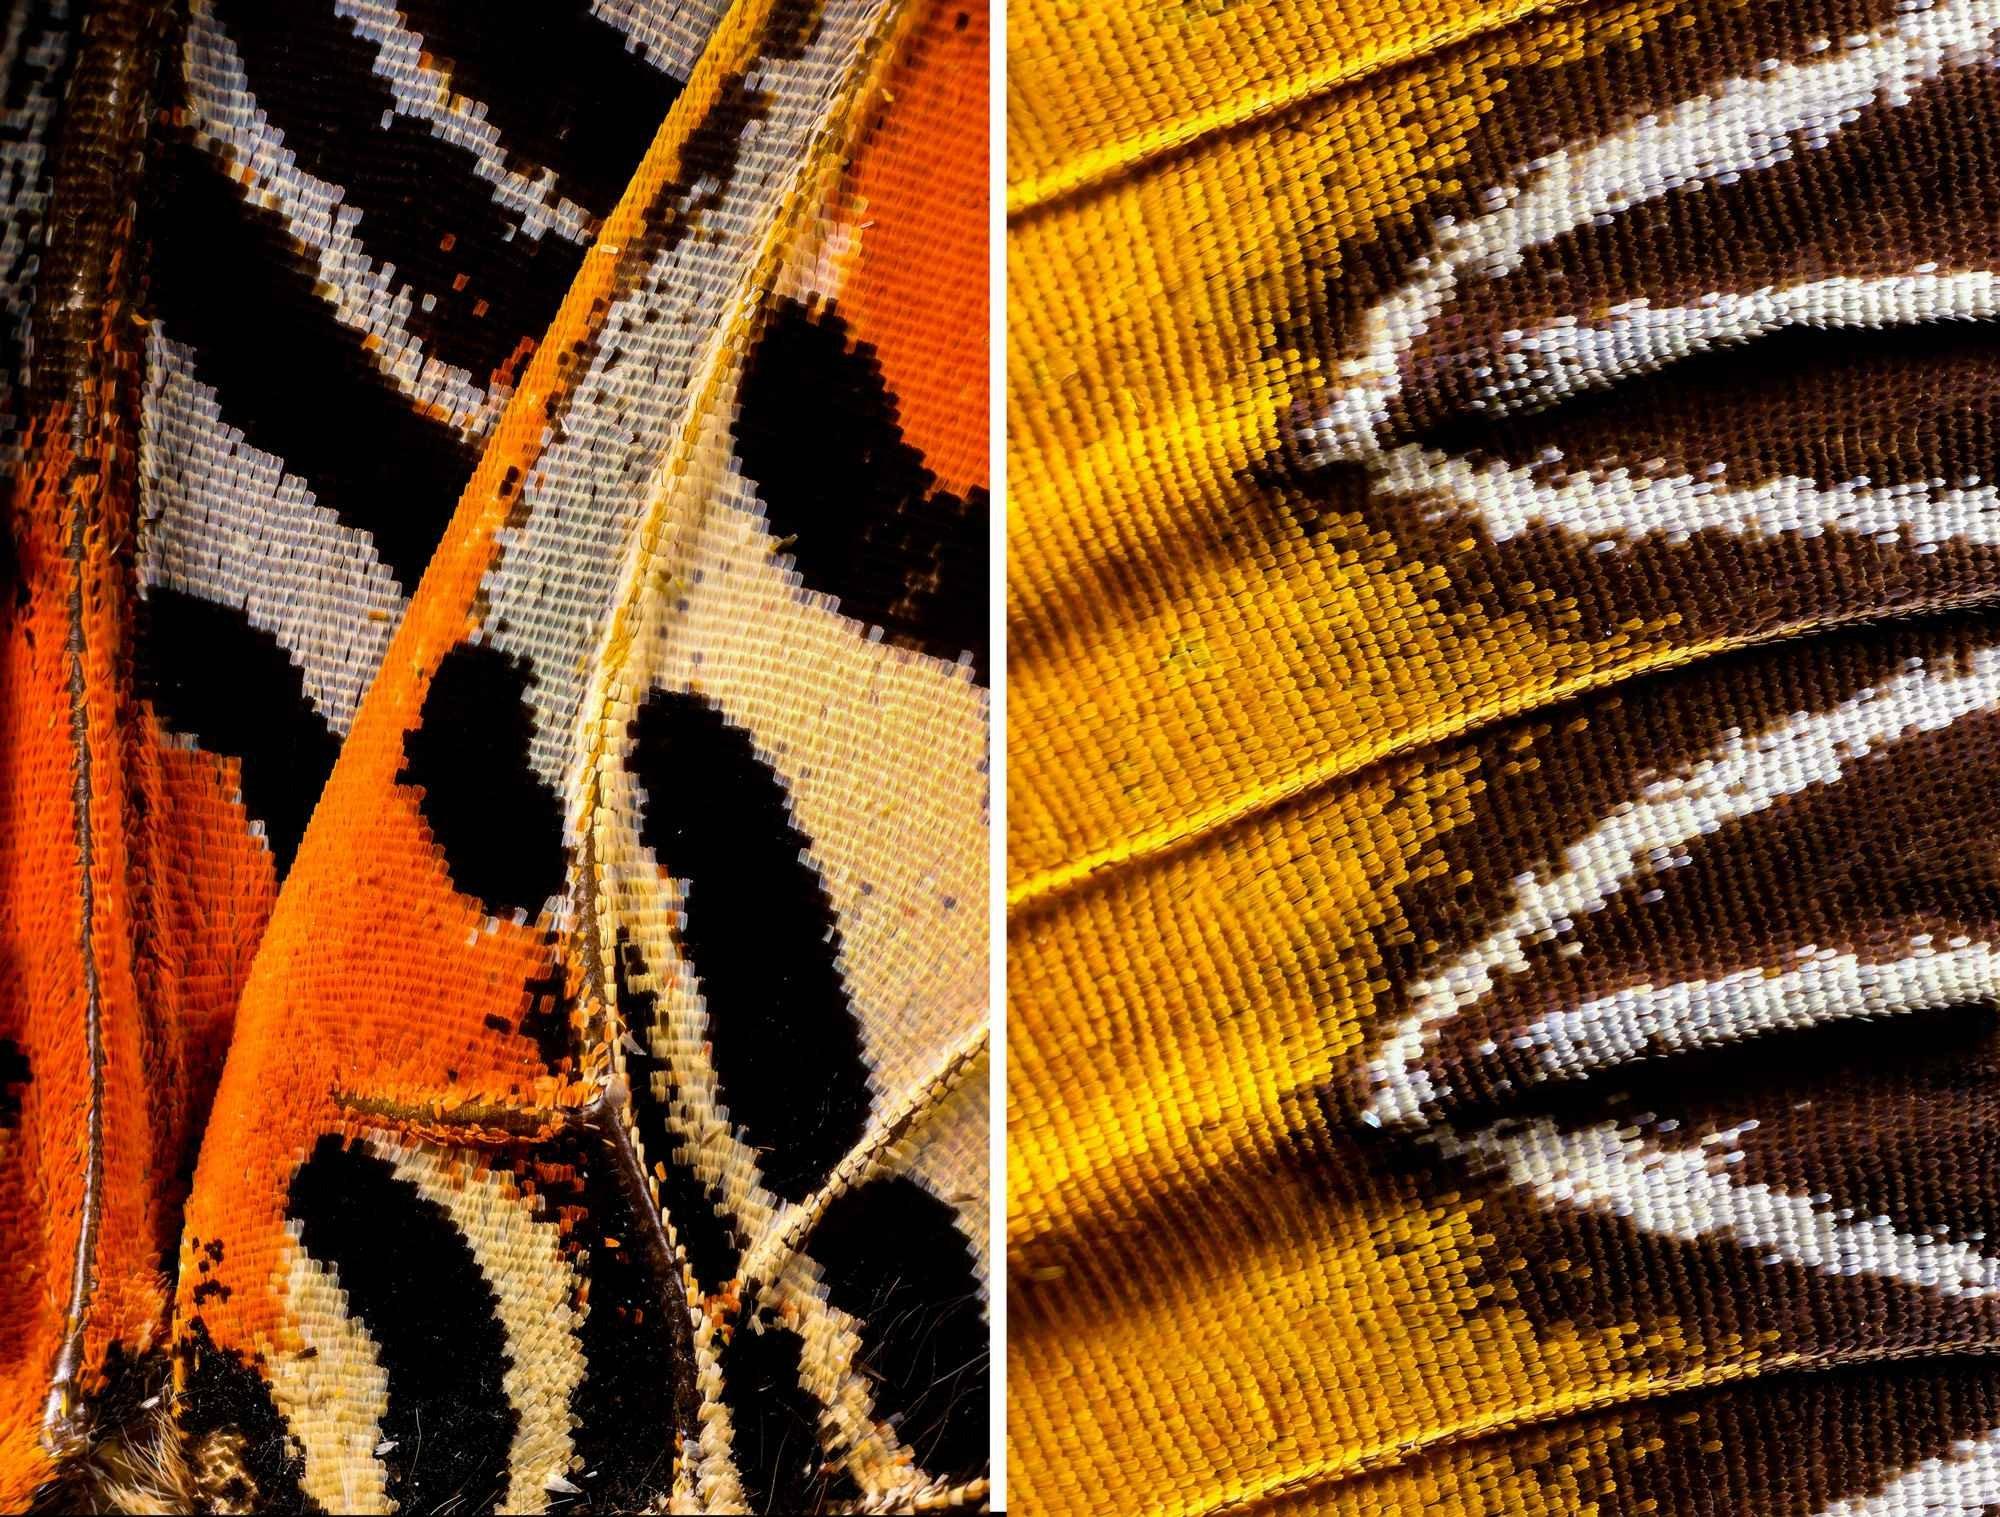 Крылья бабочек с невероятно близкого расстояния